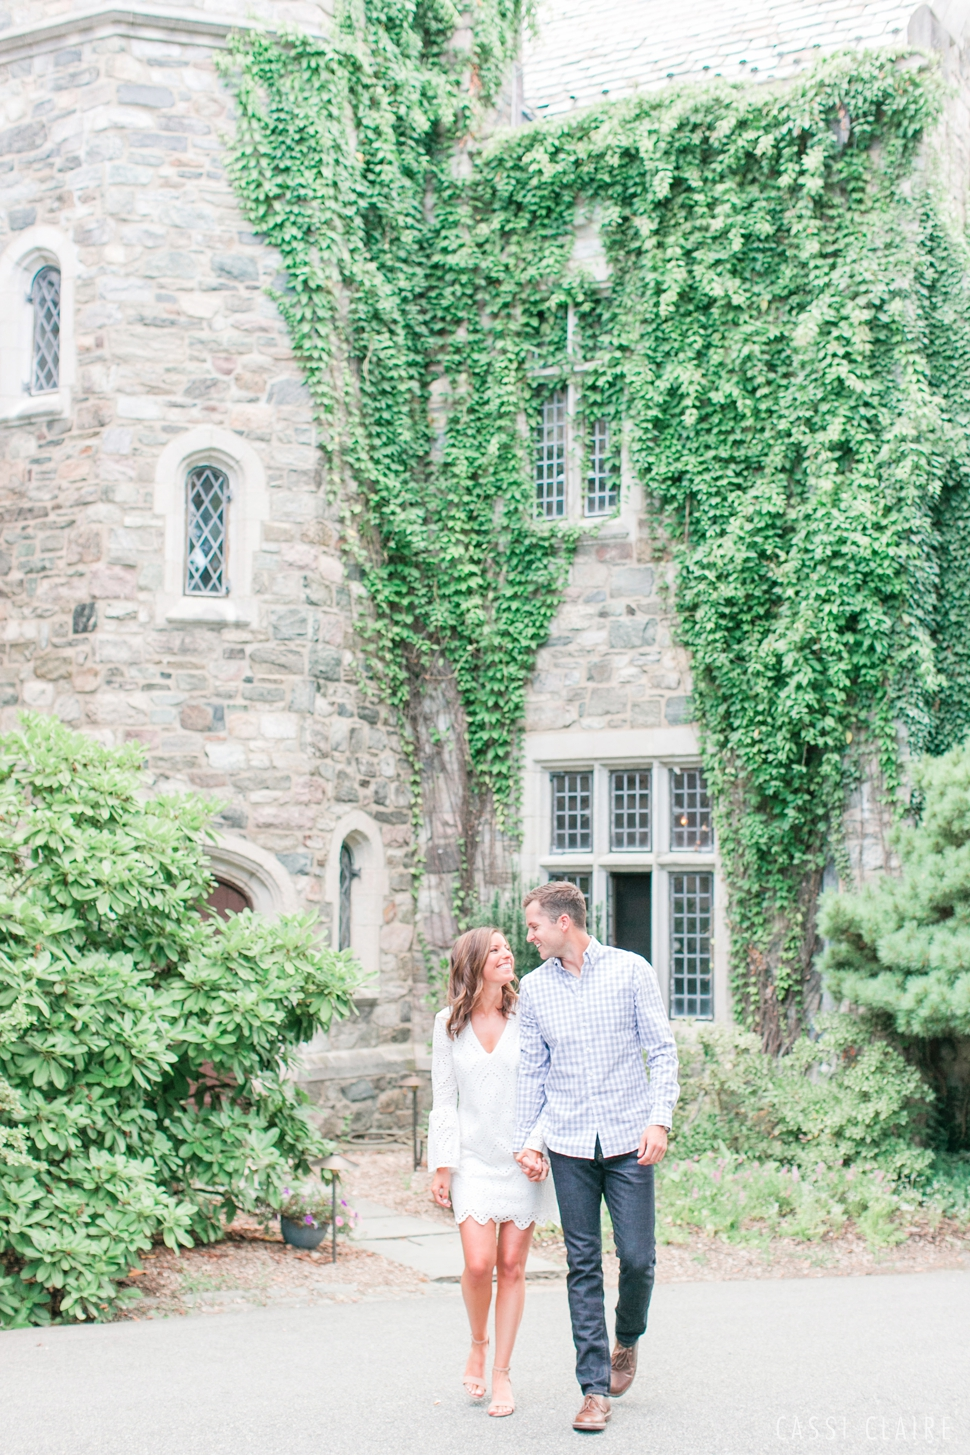 NJ-Engagement-Photos_Cassi-Claire_43.jpg